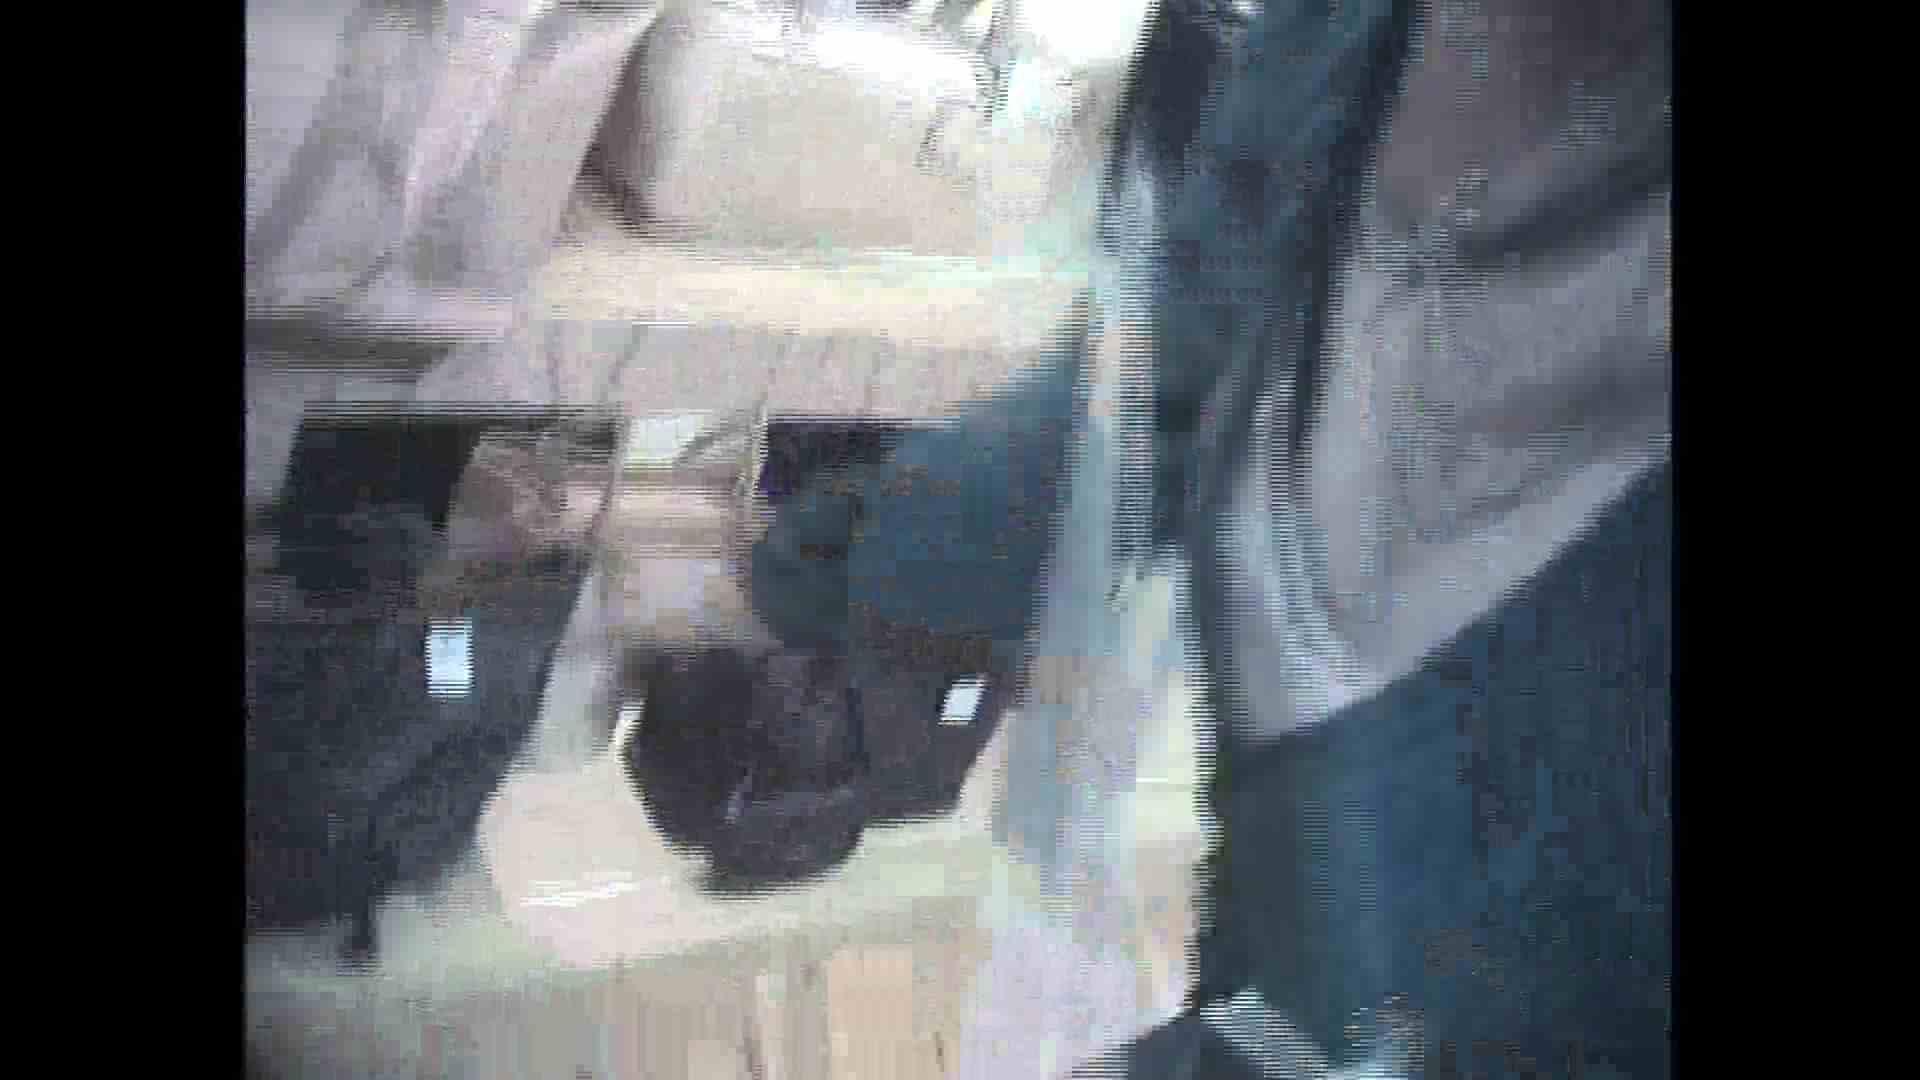 働く美女の谷間参拝 Vol.26 おっぱい特集 オマンコ動画キャプチャ 62pic 23